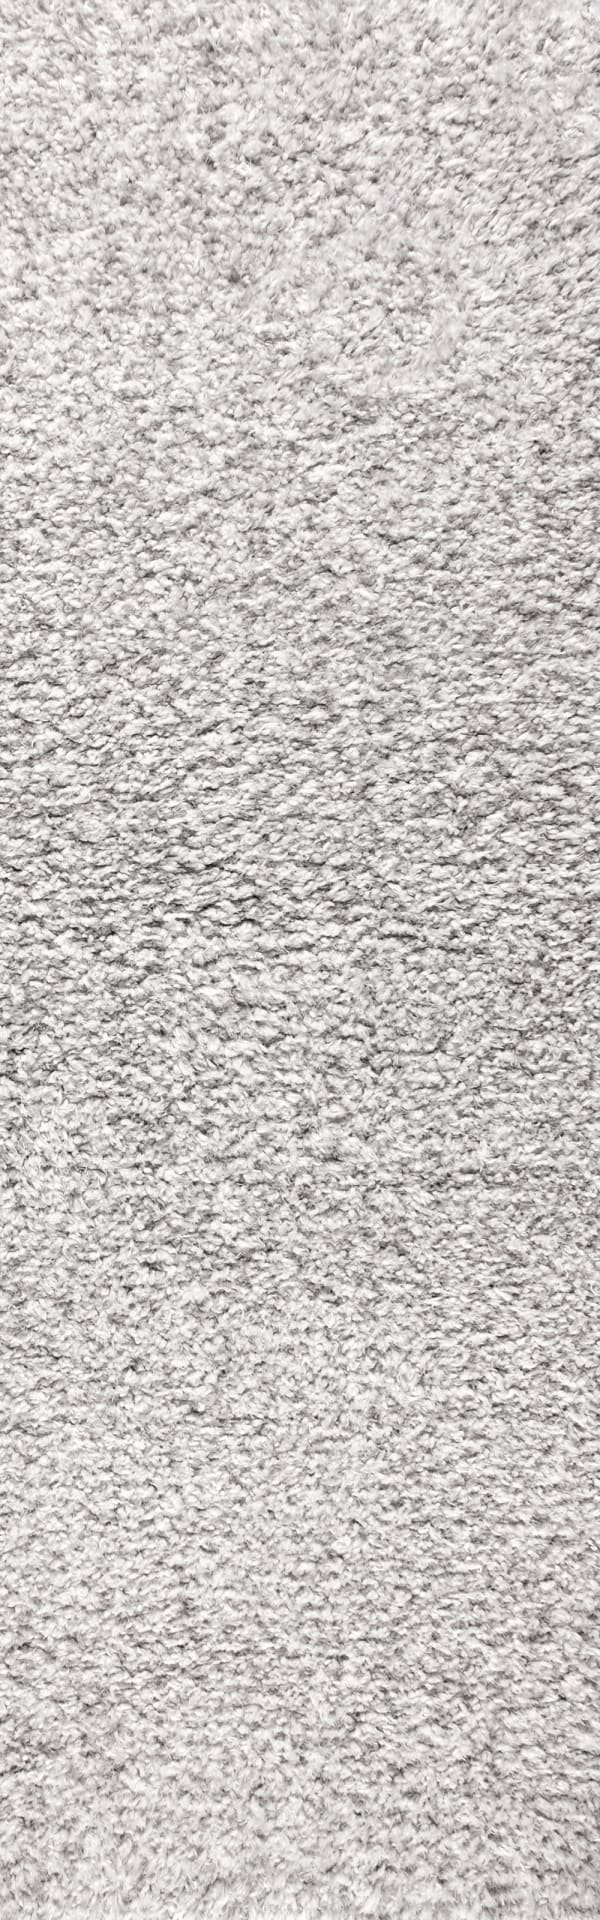 Plush Shag Mingled Gray/Ivory 2.25' x 8' Runner Rug